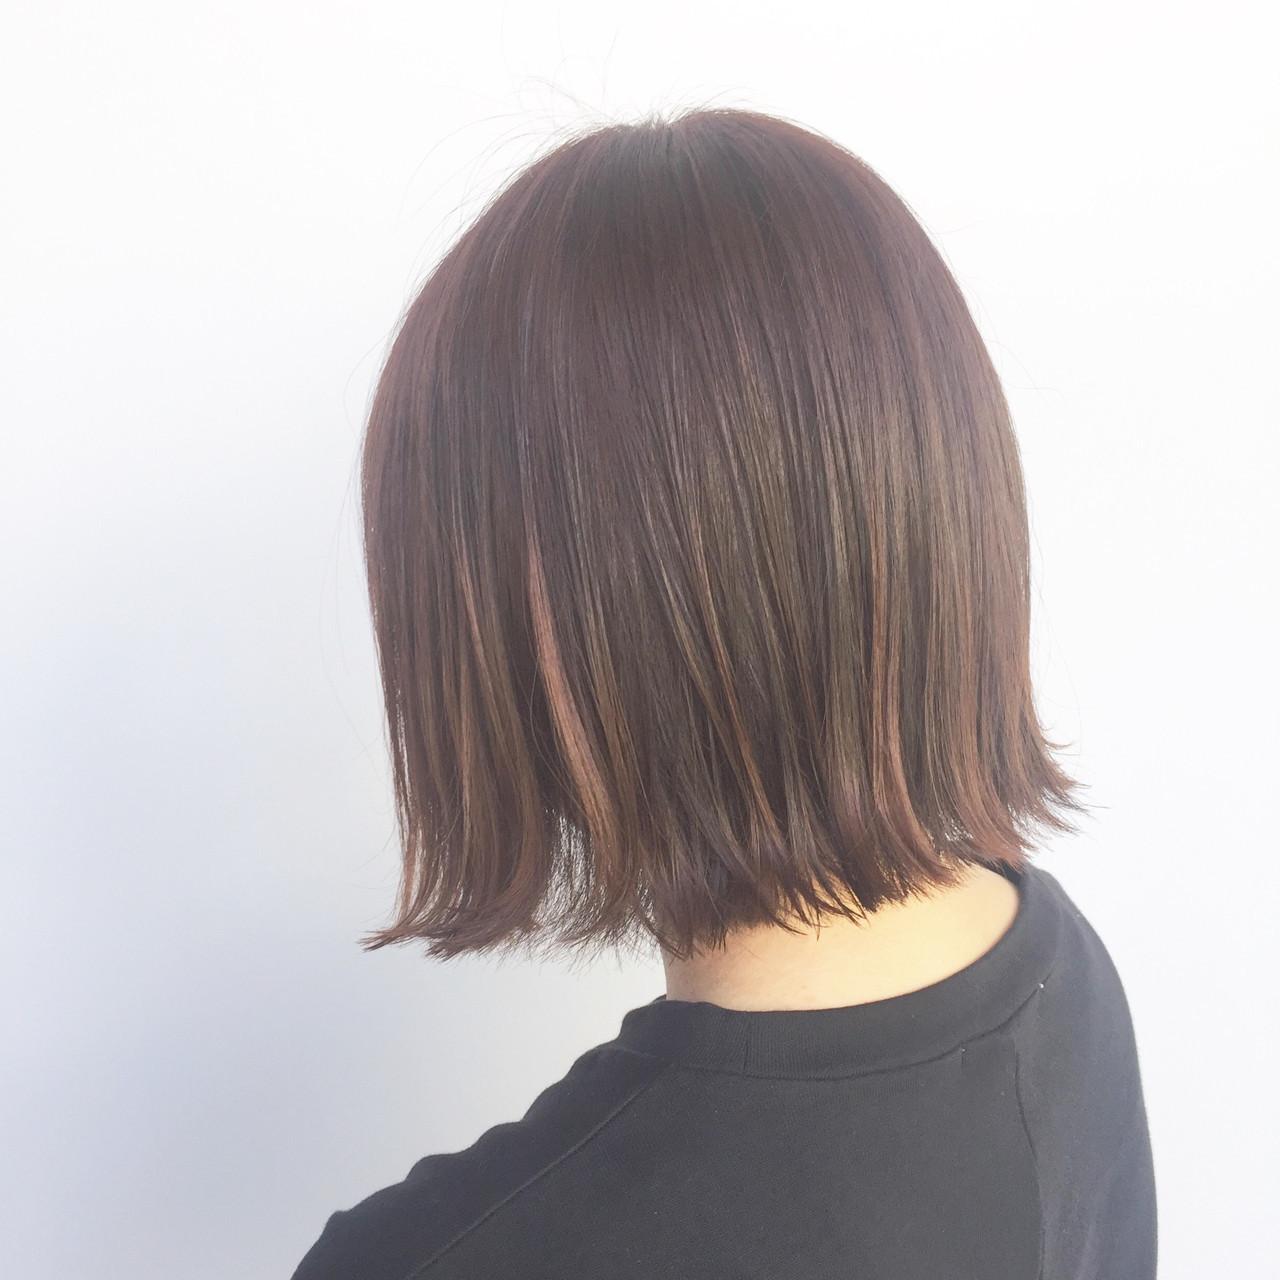 切りっぱなし ピンク ガーリー レッド ヘアスタイルや髪型の写真・画像